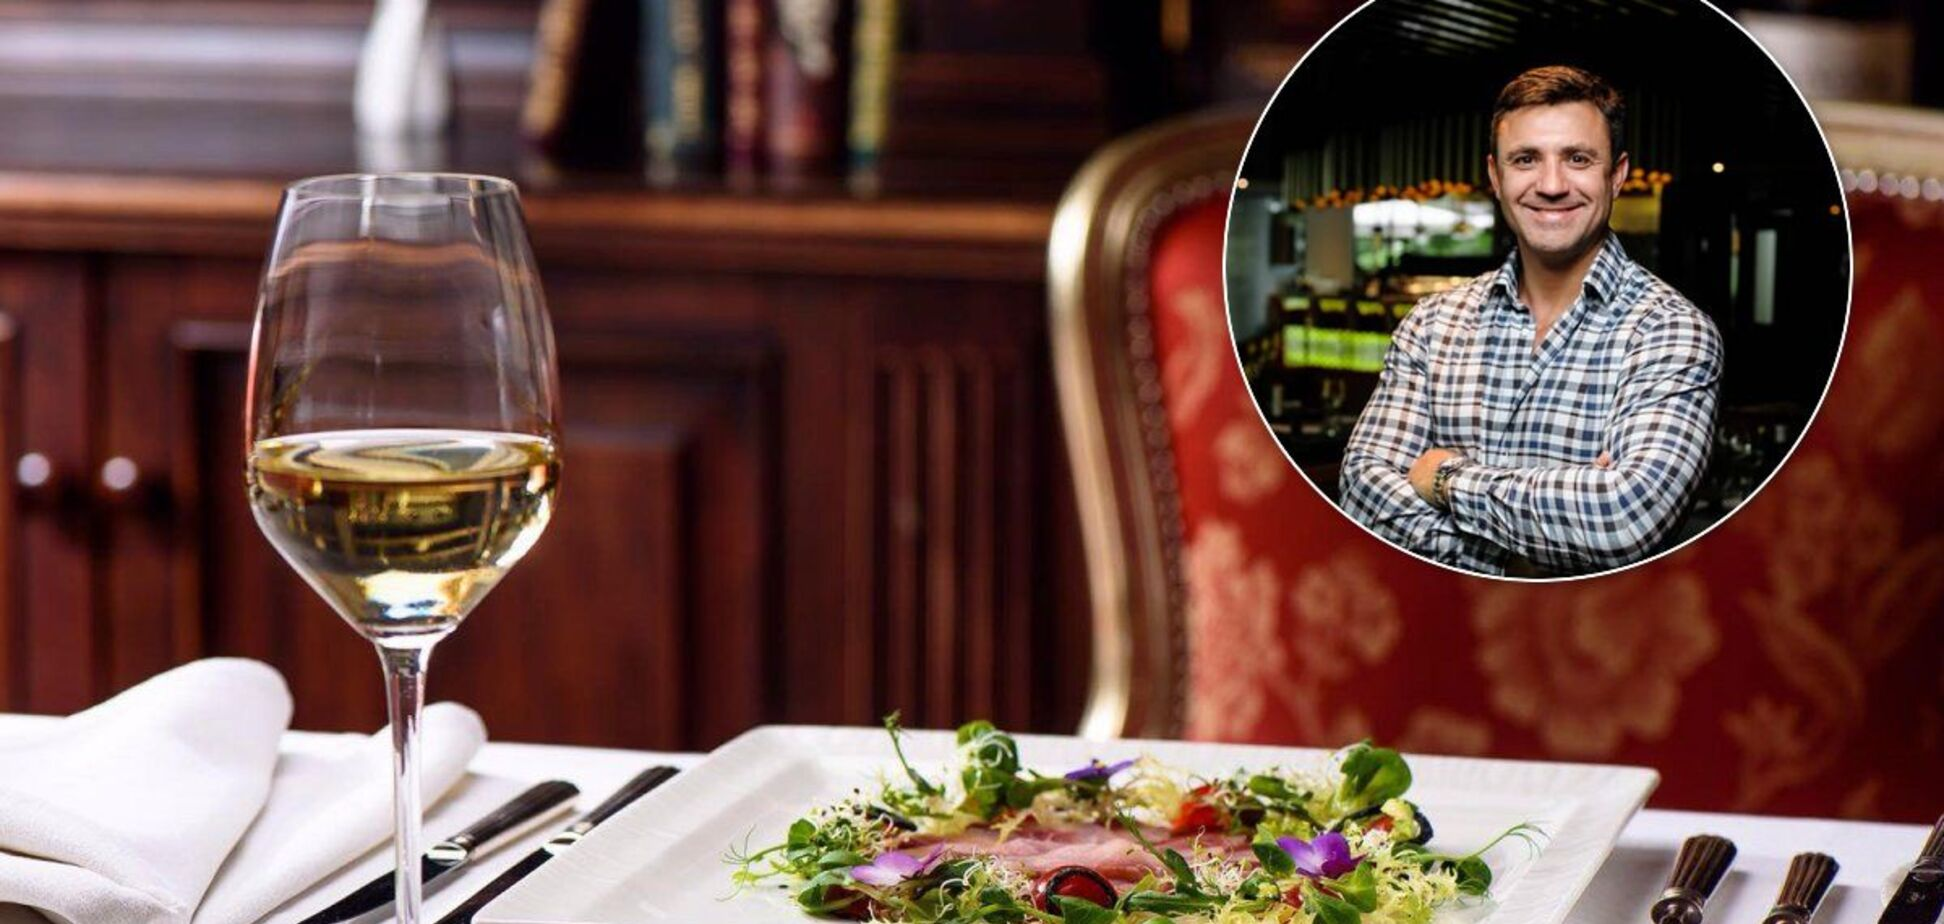 Ресторан Тищенка 'Велюр' вляпався у скандал: скільки коштують страви для віп-гостей